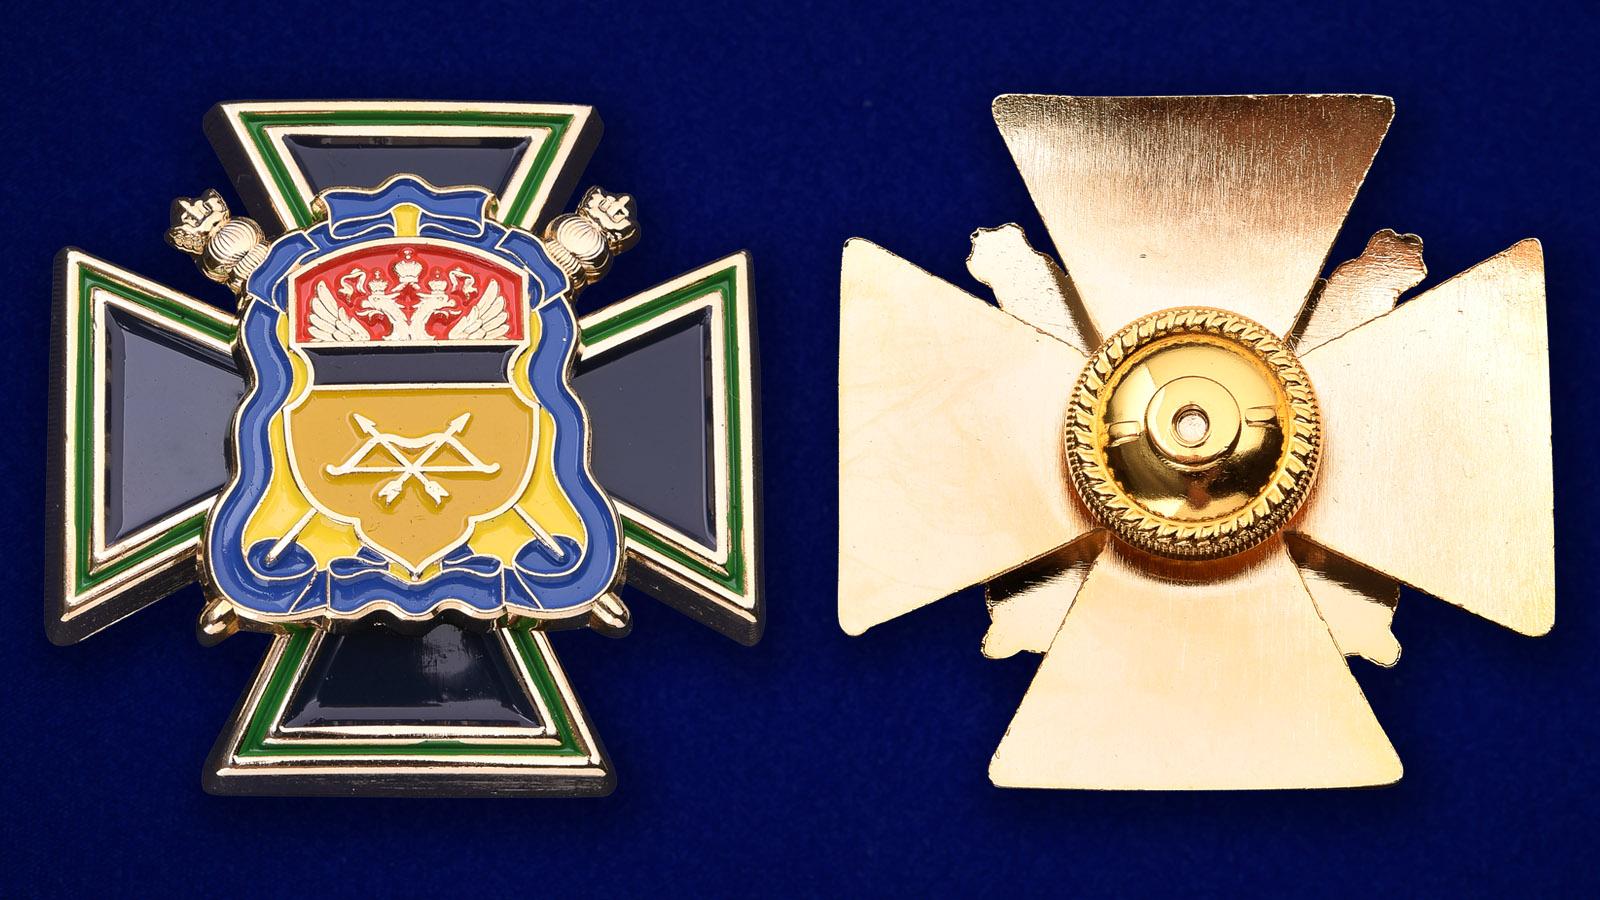 Войсковой крест Оренбургского ВКО «Казачья доблесть»-аверс и реверс